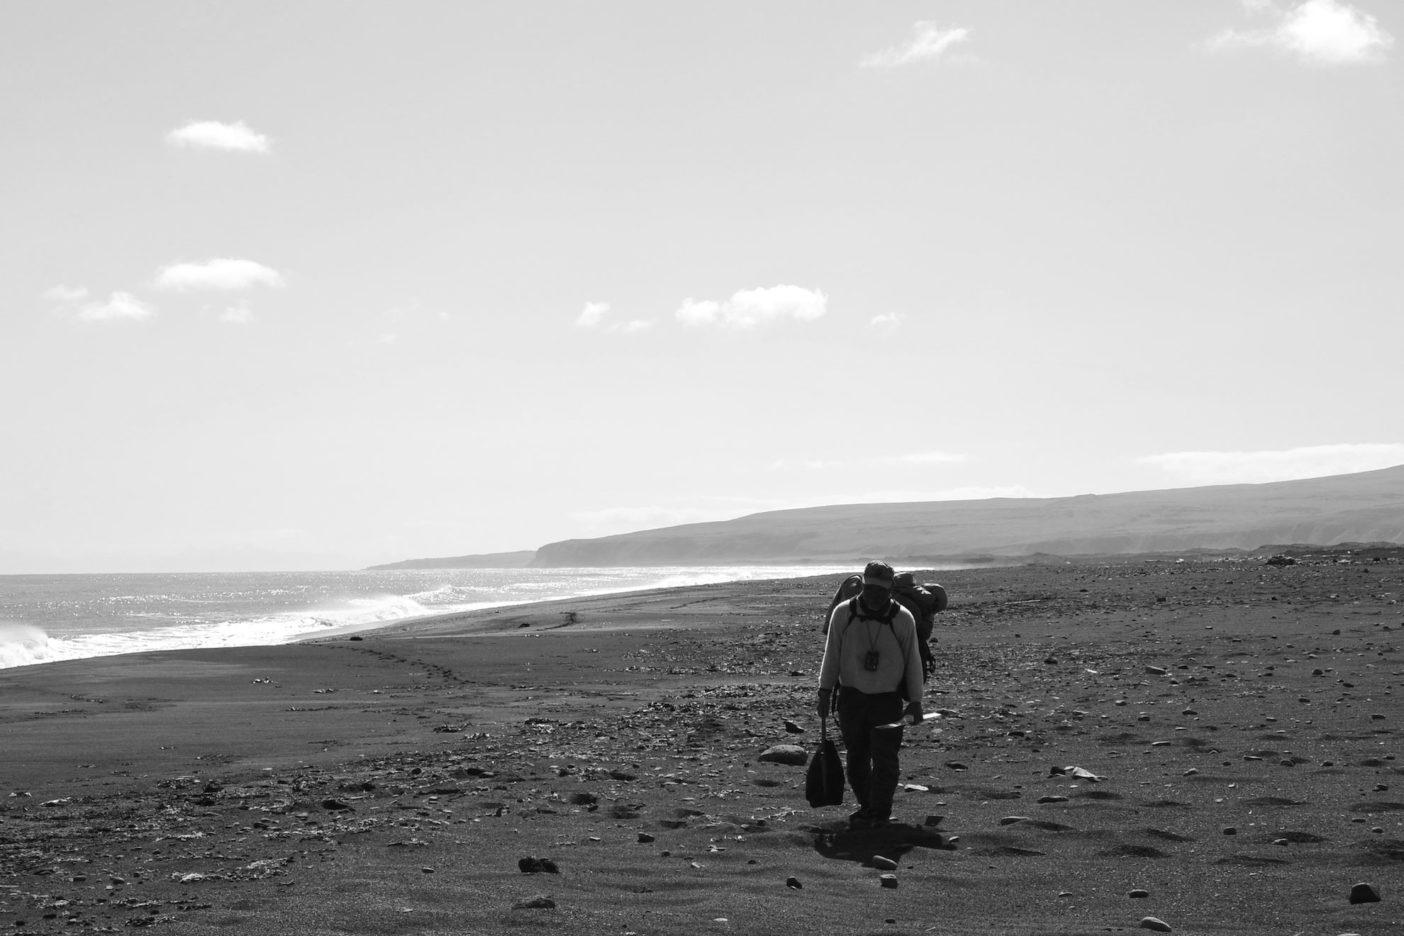 強風による停滞が続き、荷物を背負い移動する。ウムナック島にて。 写真:岩本和晃